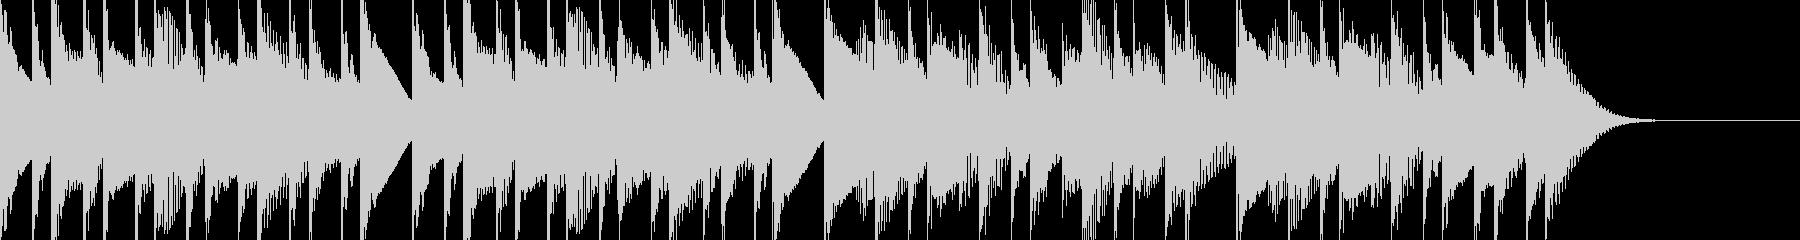 シンプルで可愛いマリンバのジングルの未再生の波形